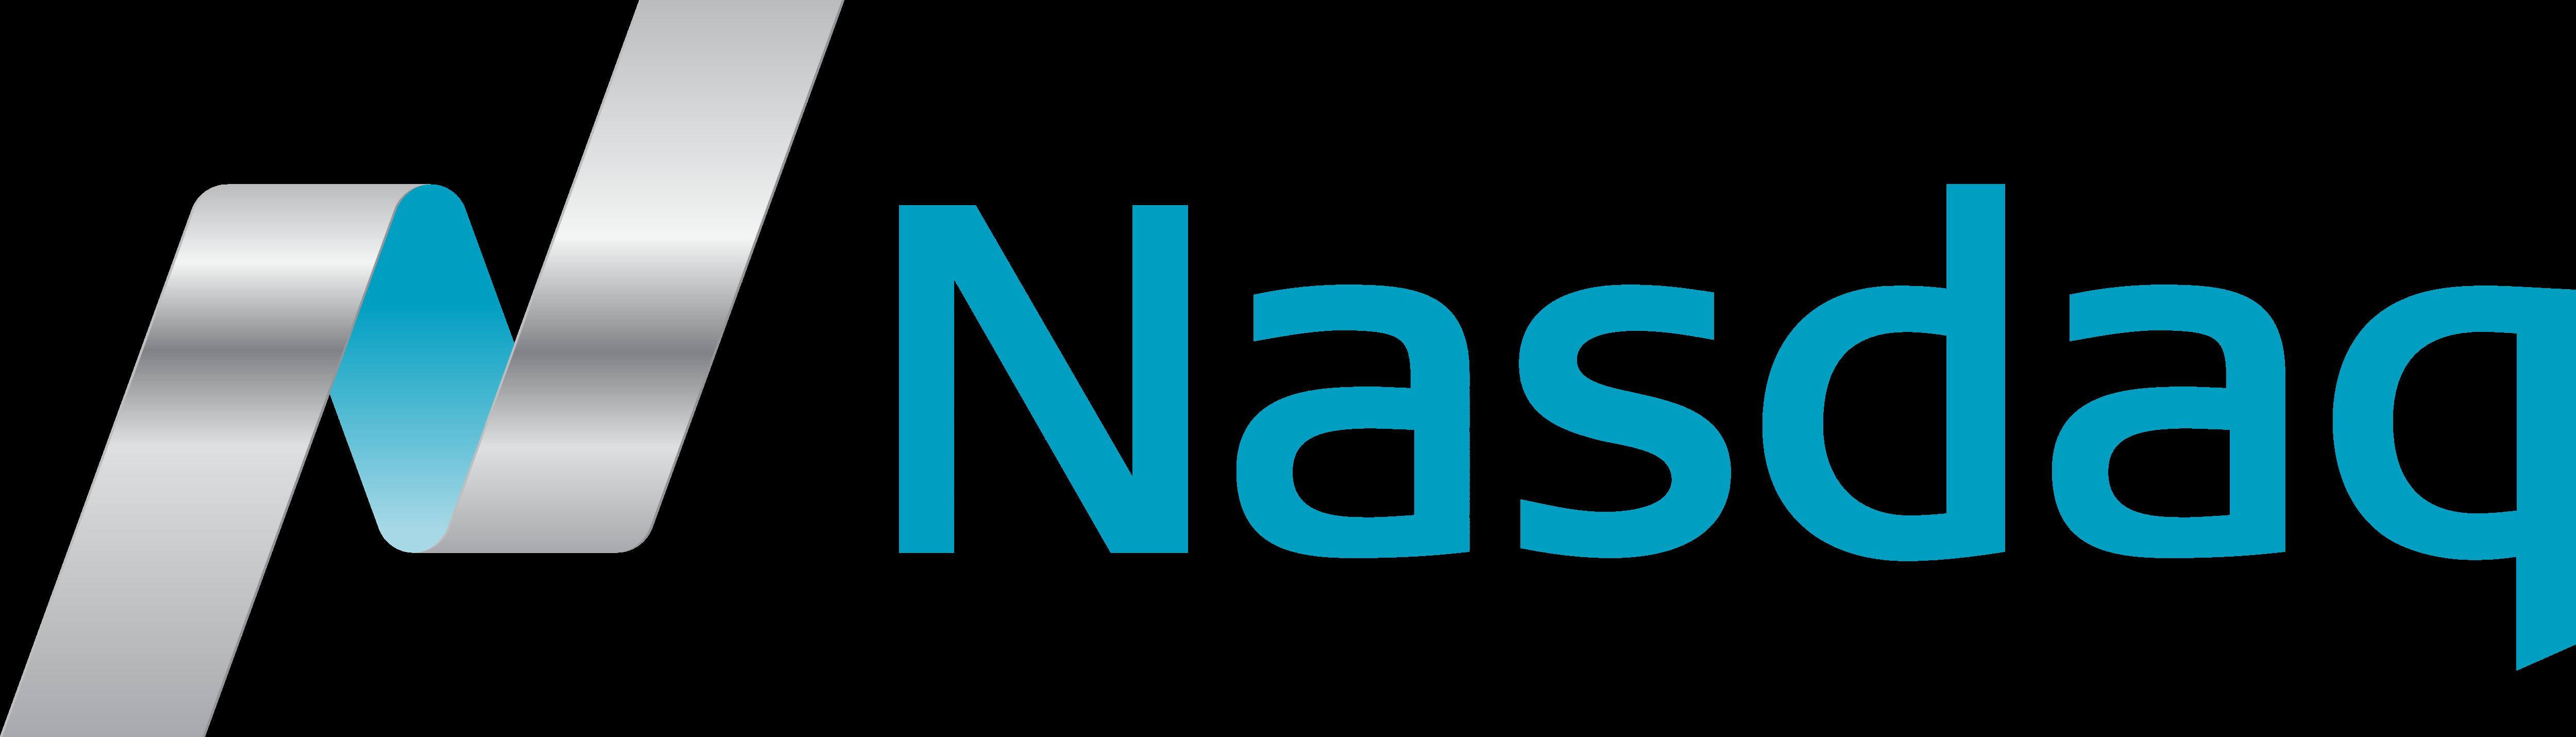 Nasdaq, Inc.